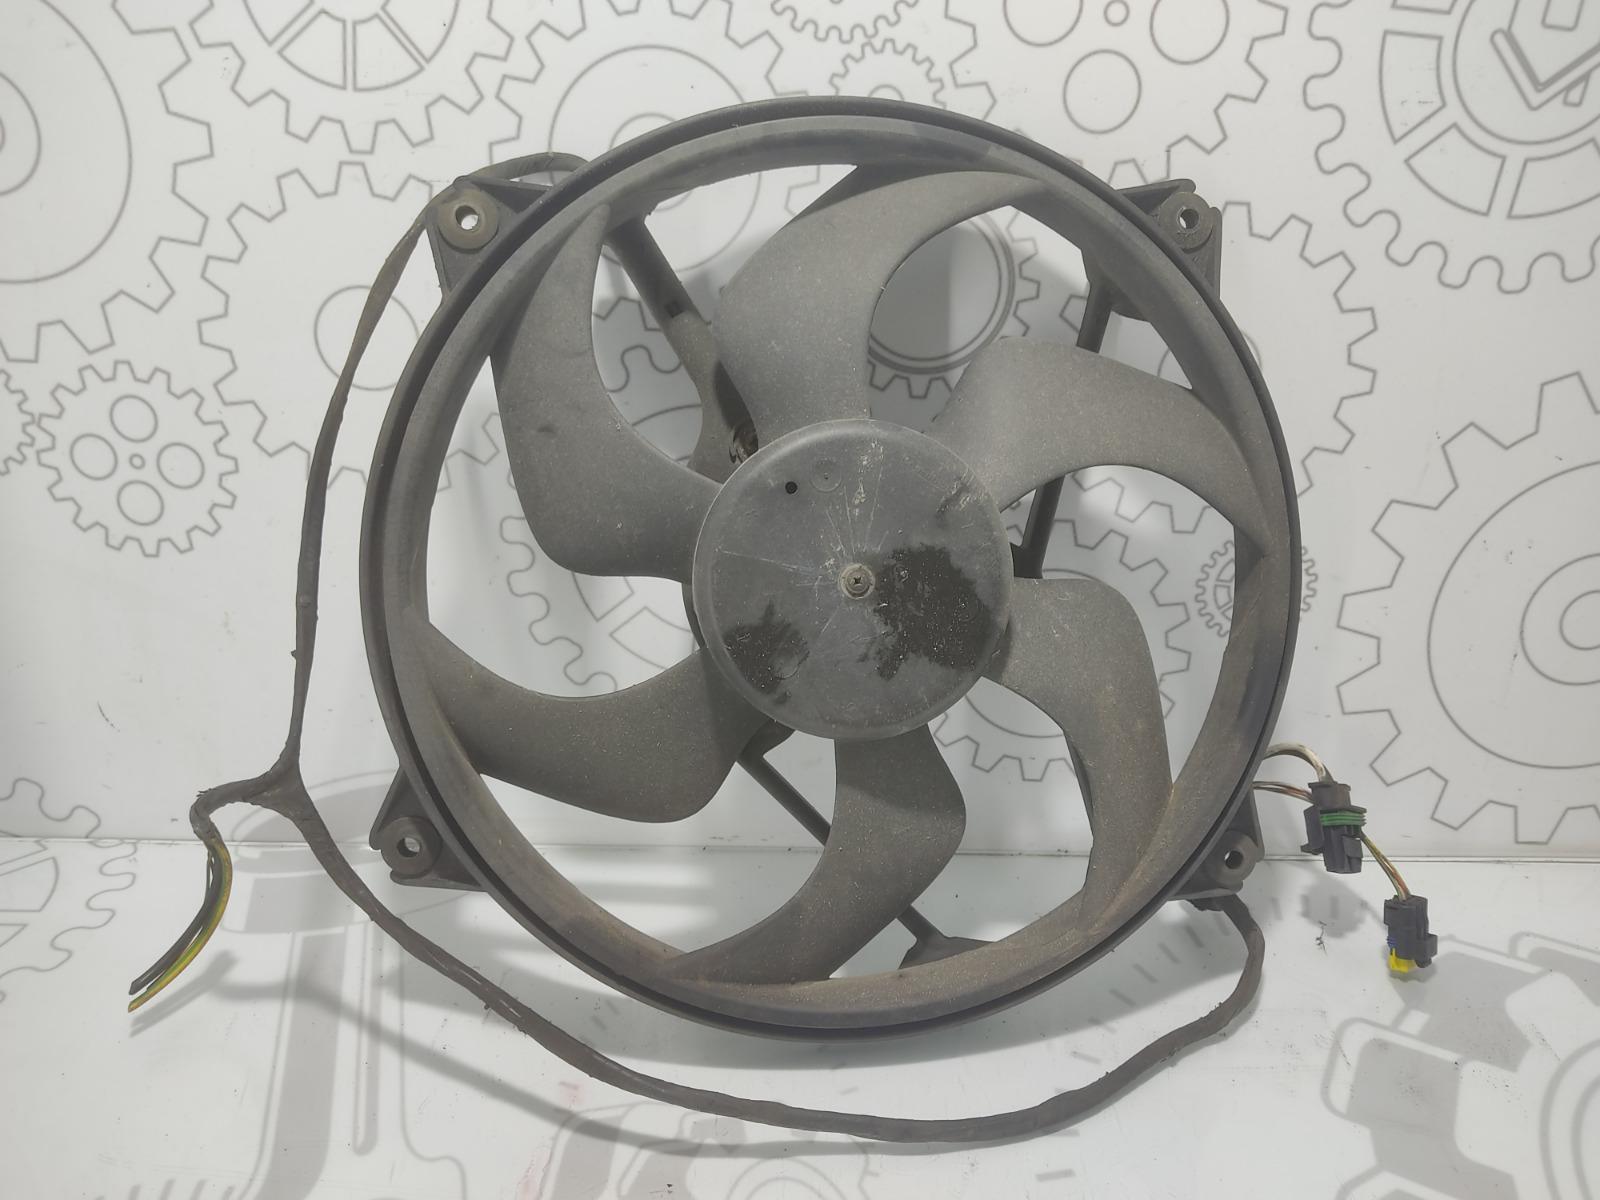 Вентилятор радиатора Citroen Xsara Picasso 1.6 HDI 2007 (б/у)